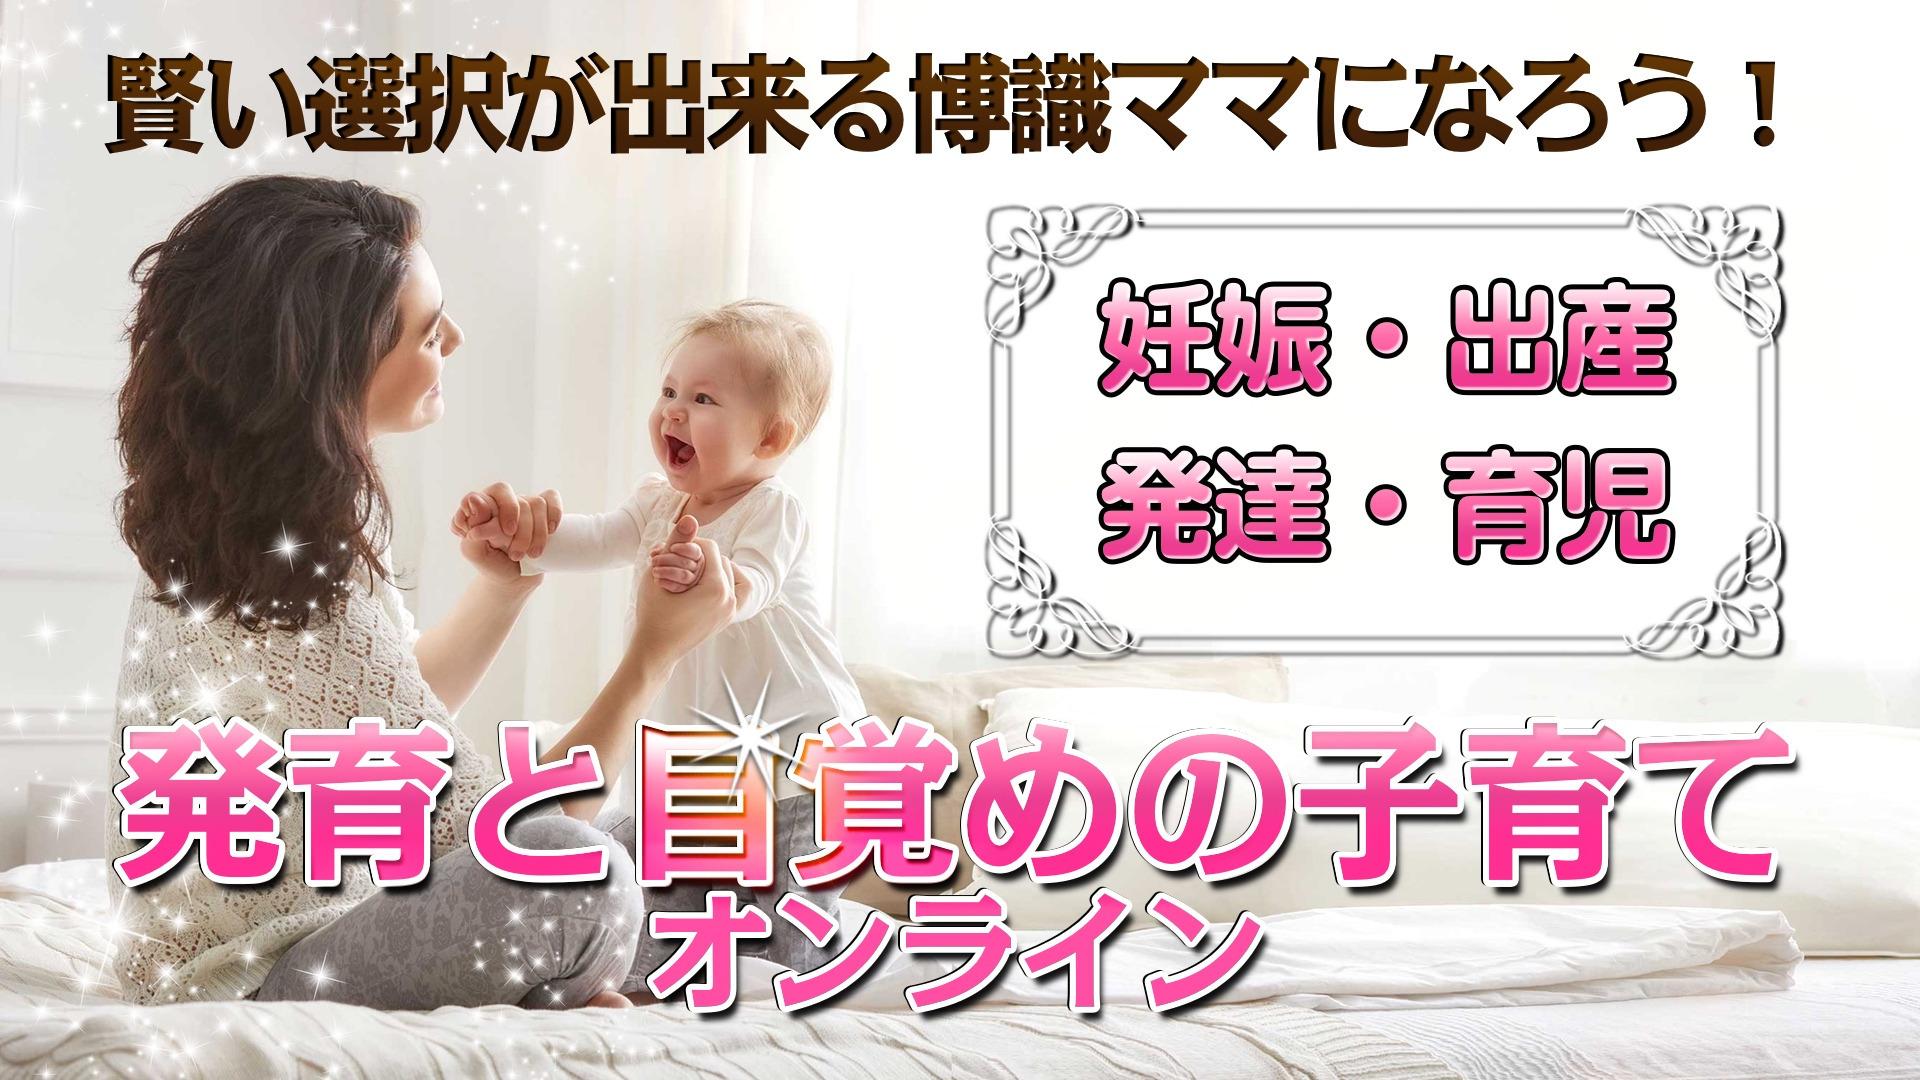 発育と目覚めの子育てオンライン(妊娠・出産・発達・育児)